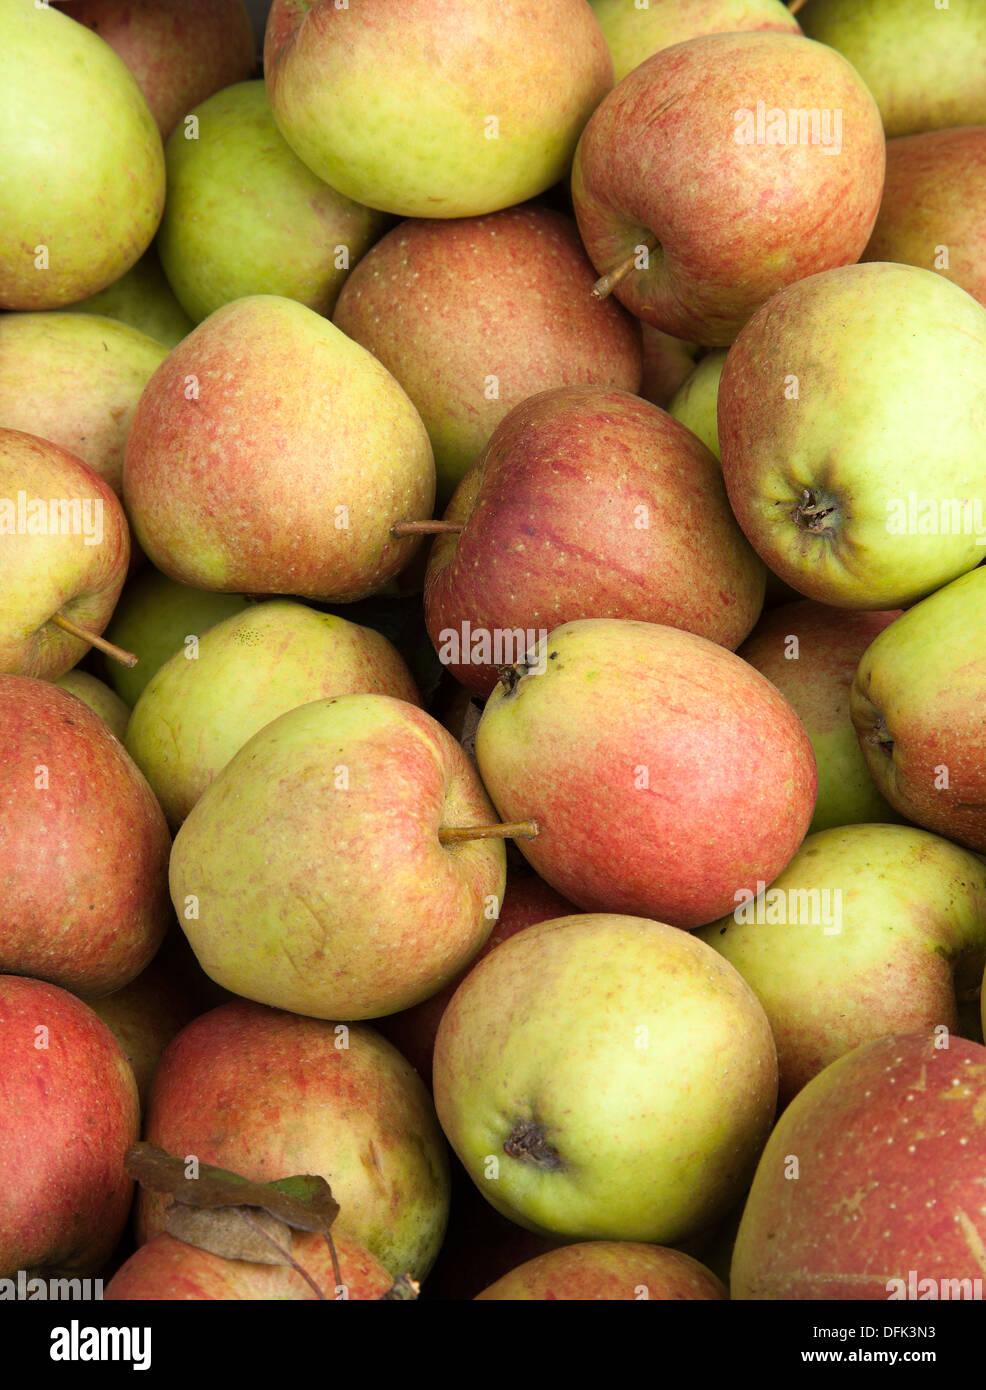 Unvollkommene Obstgarten Früchte des Autumn_Crispin Apples_ Mutsu (oder Crispin) ist eine hochwertige Apple aus Japan Stockbild